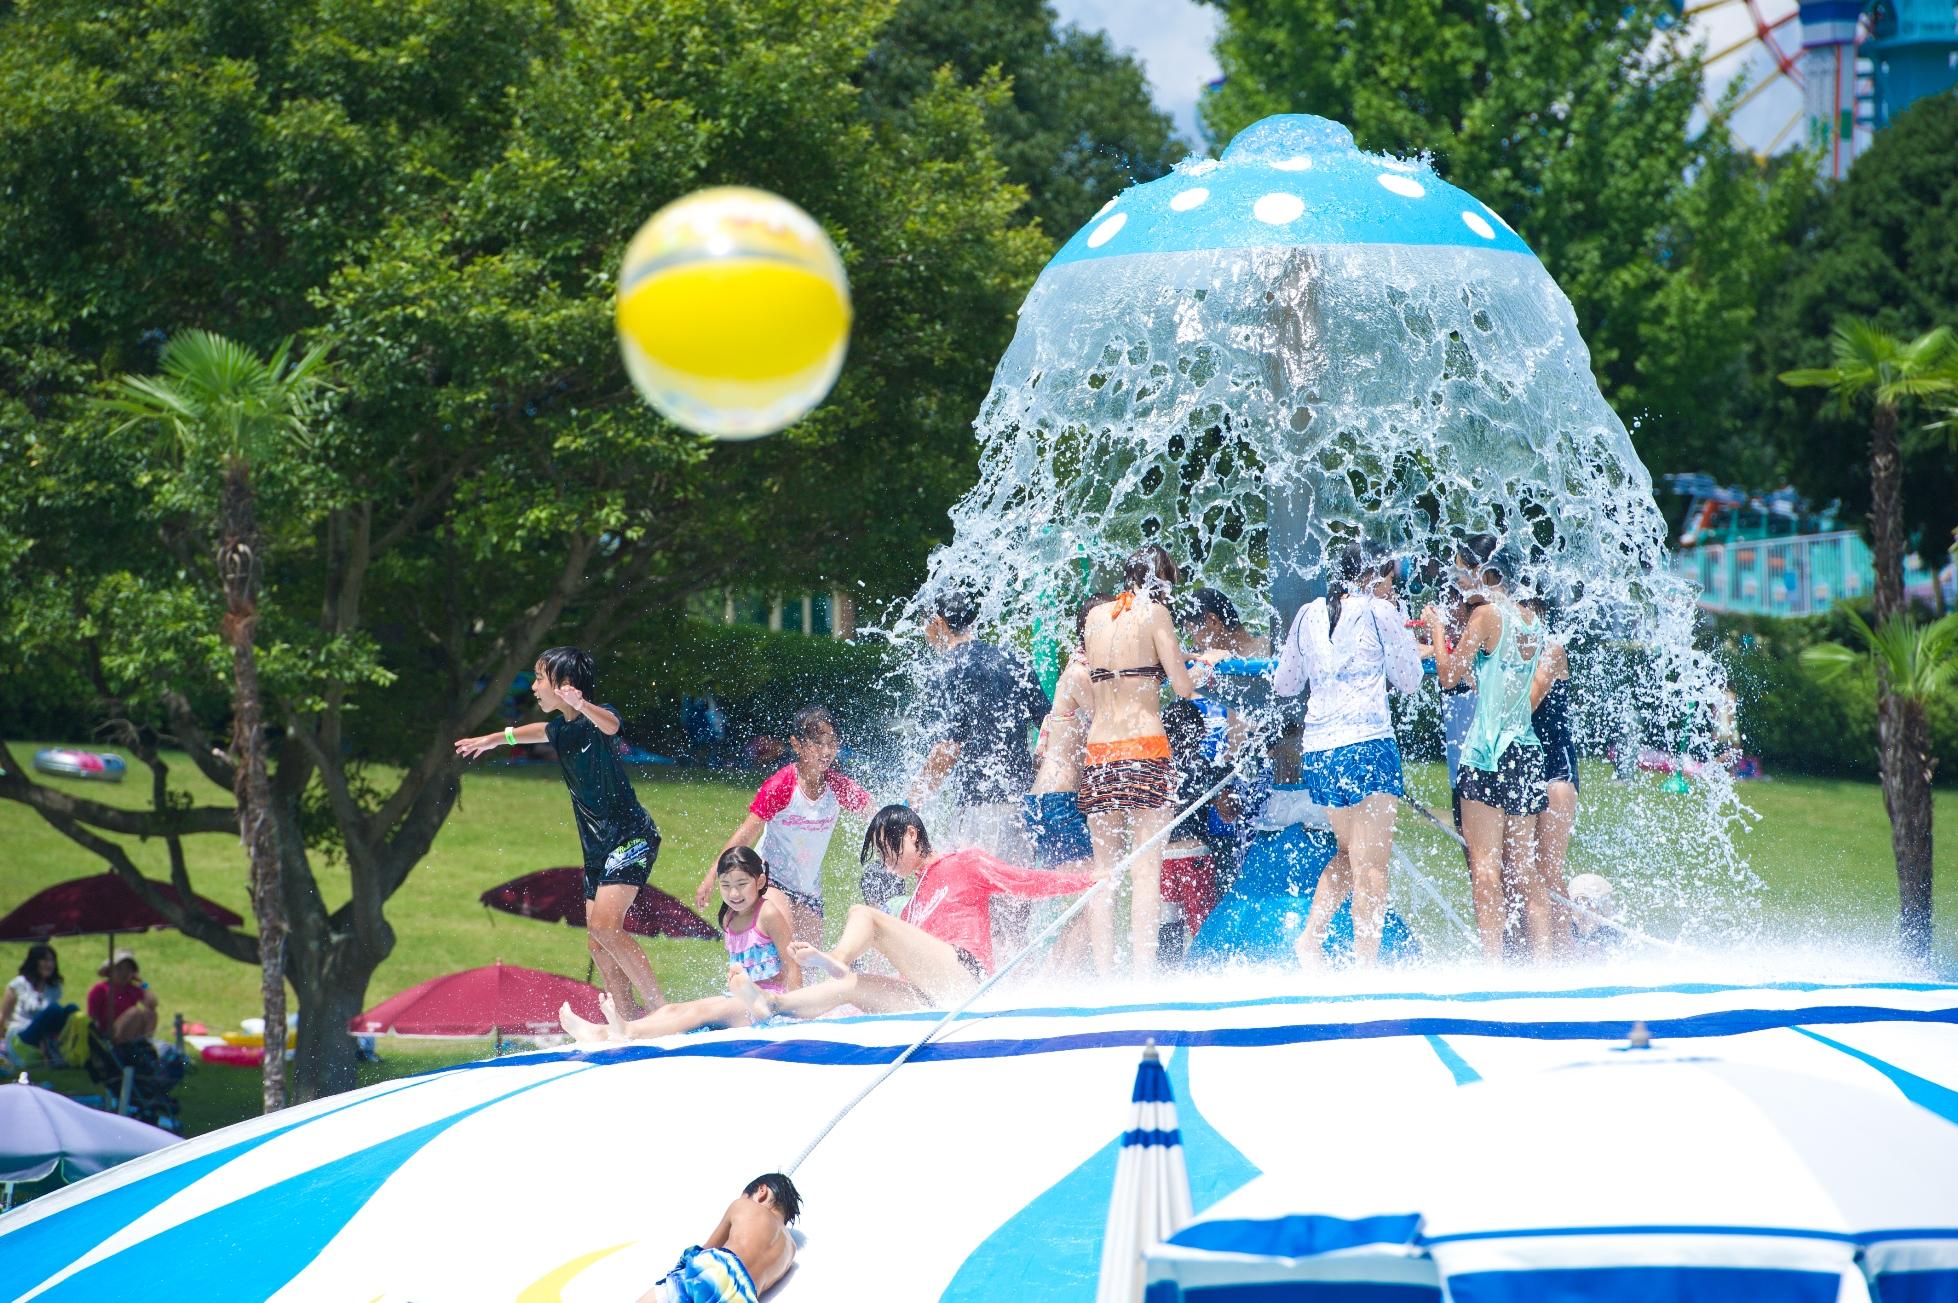 7/11プールオープン!西日本最大級のトランポリンドームが大人気!!前売券販売は7/10(金)まで。三世代テーマパークみろくの里